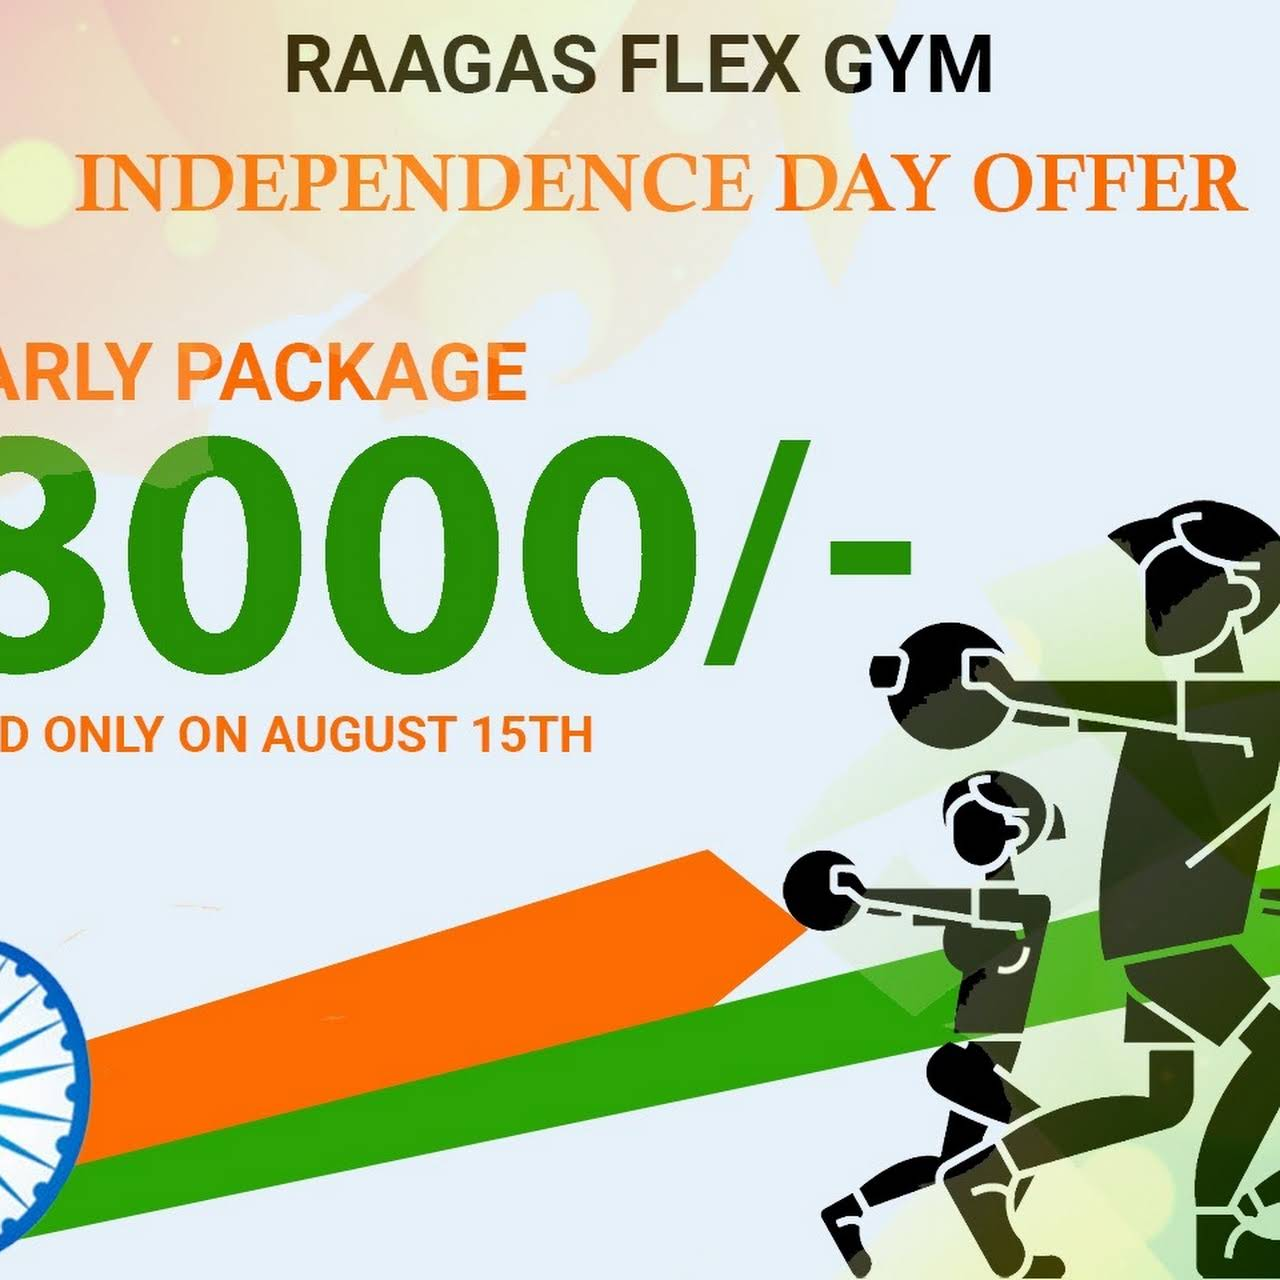 Raagas Flex Gym Unisex and Spa - Gym in Manikonda